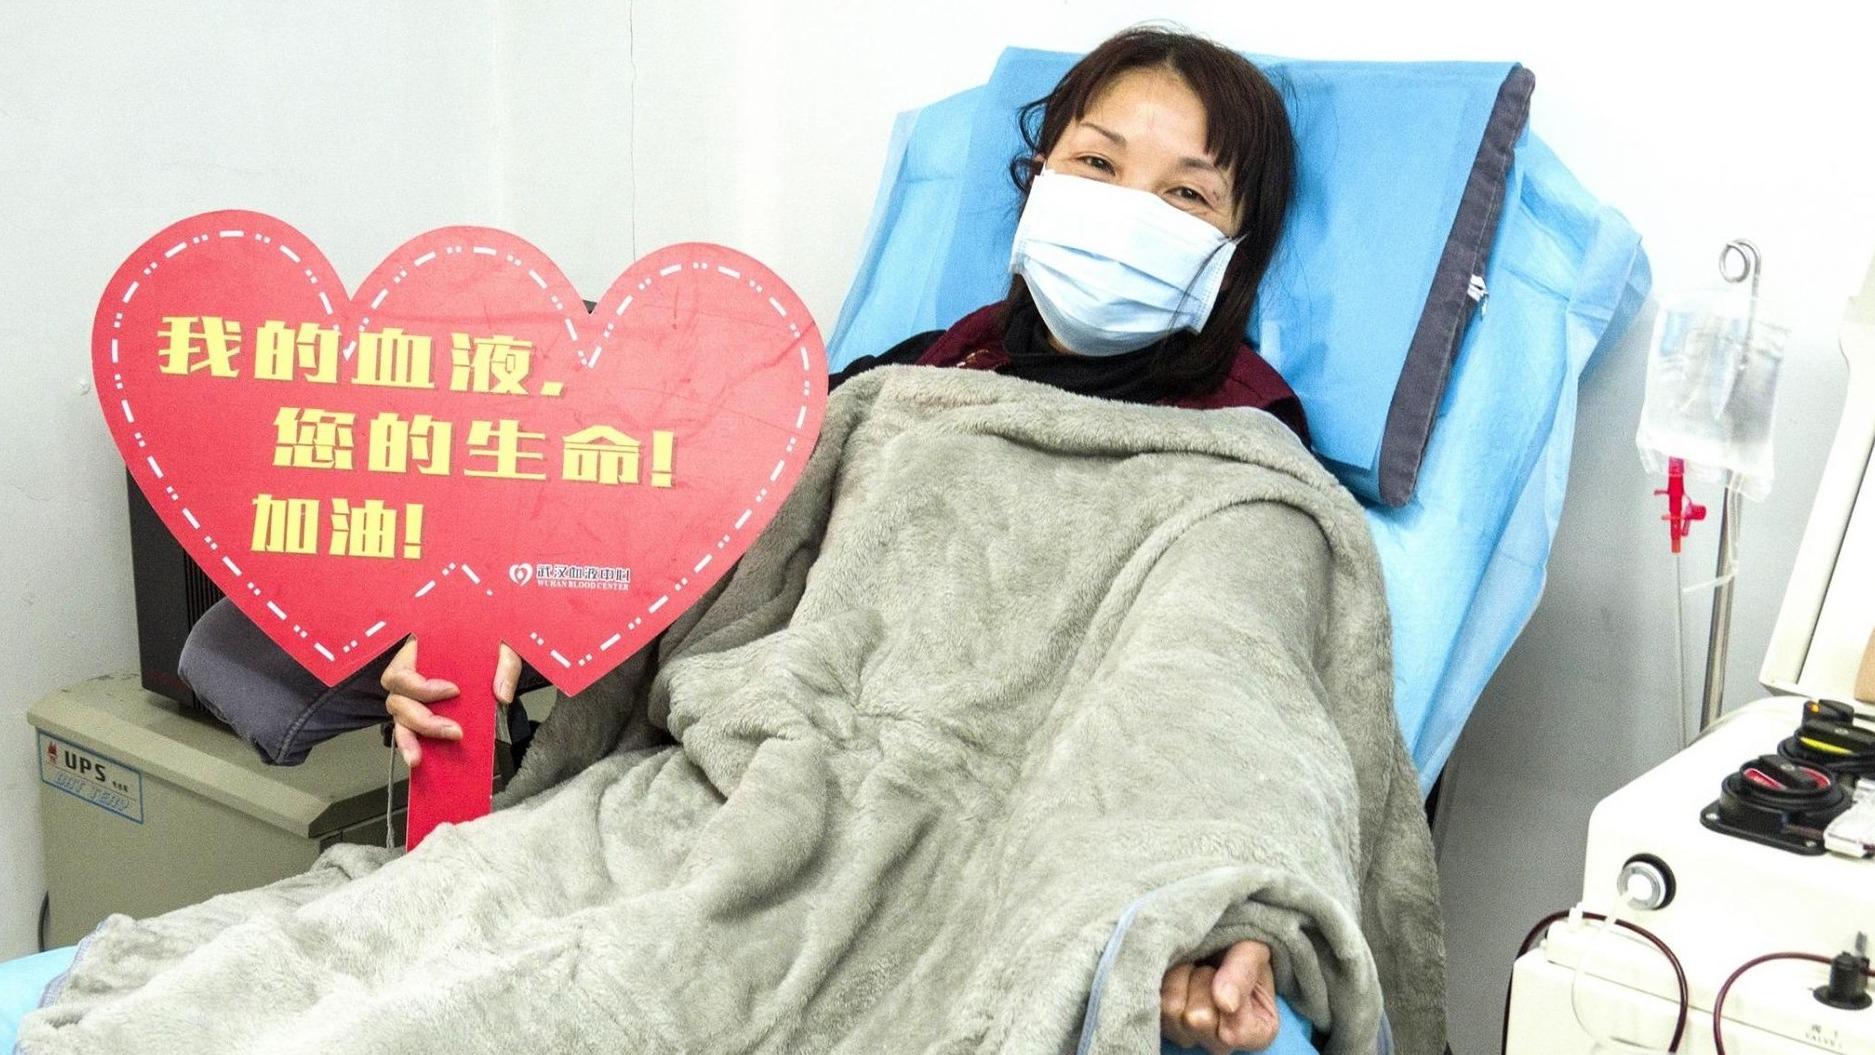 湖北省新冠康复者献血达1627人次 为600余名患者提供治疗